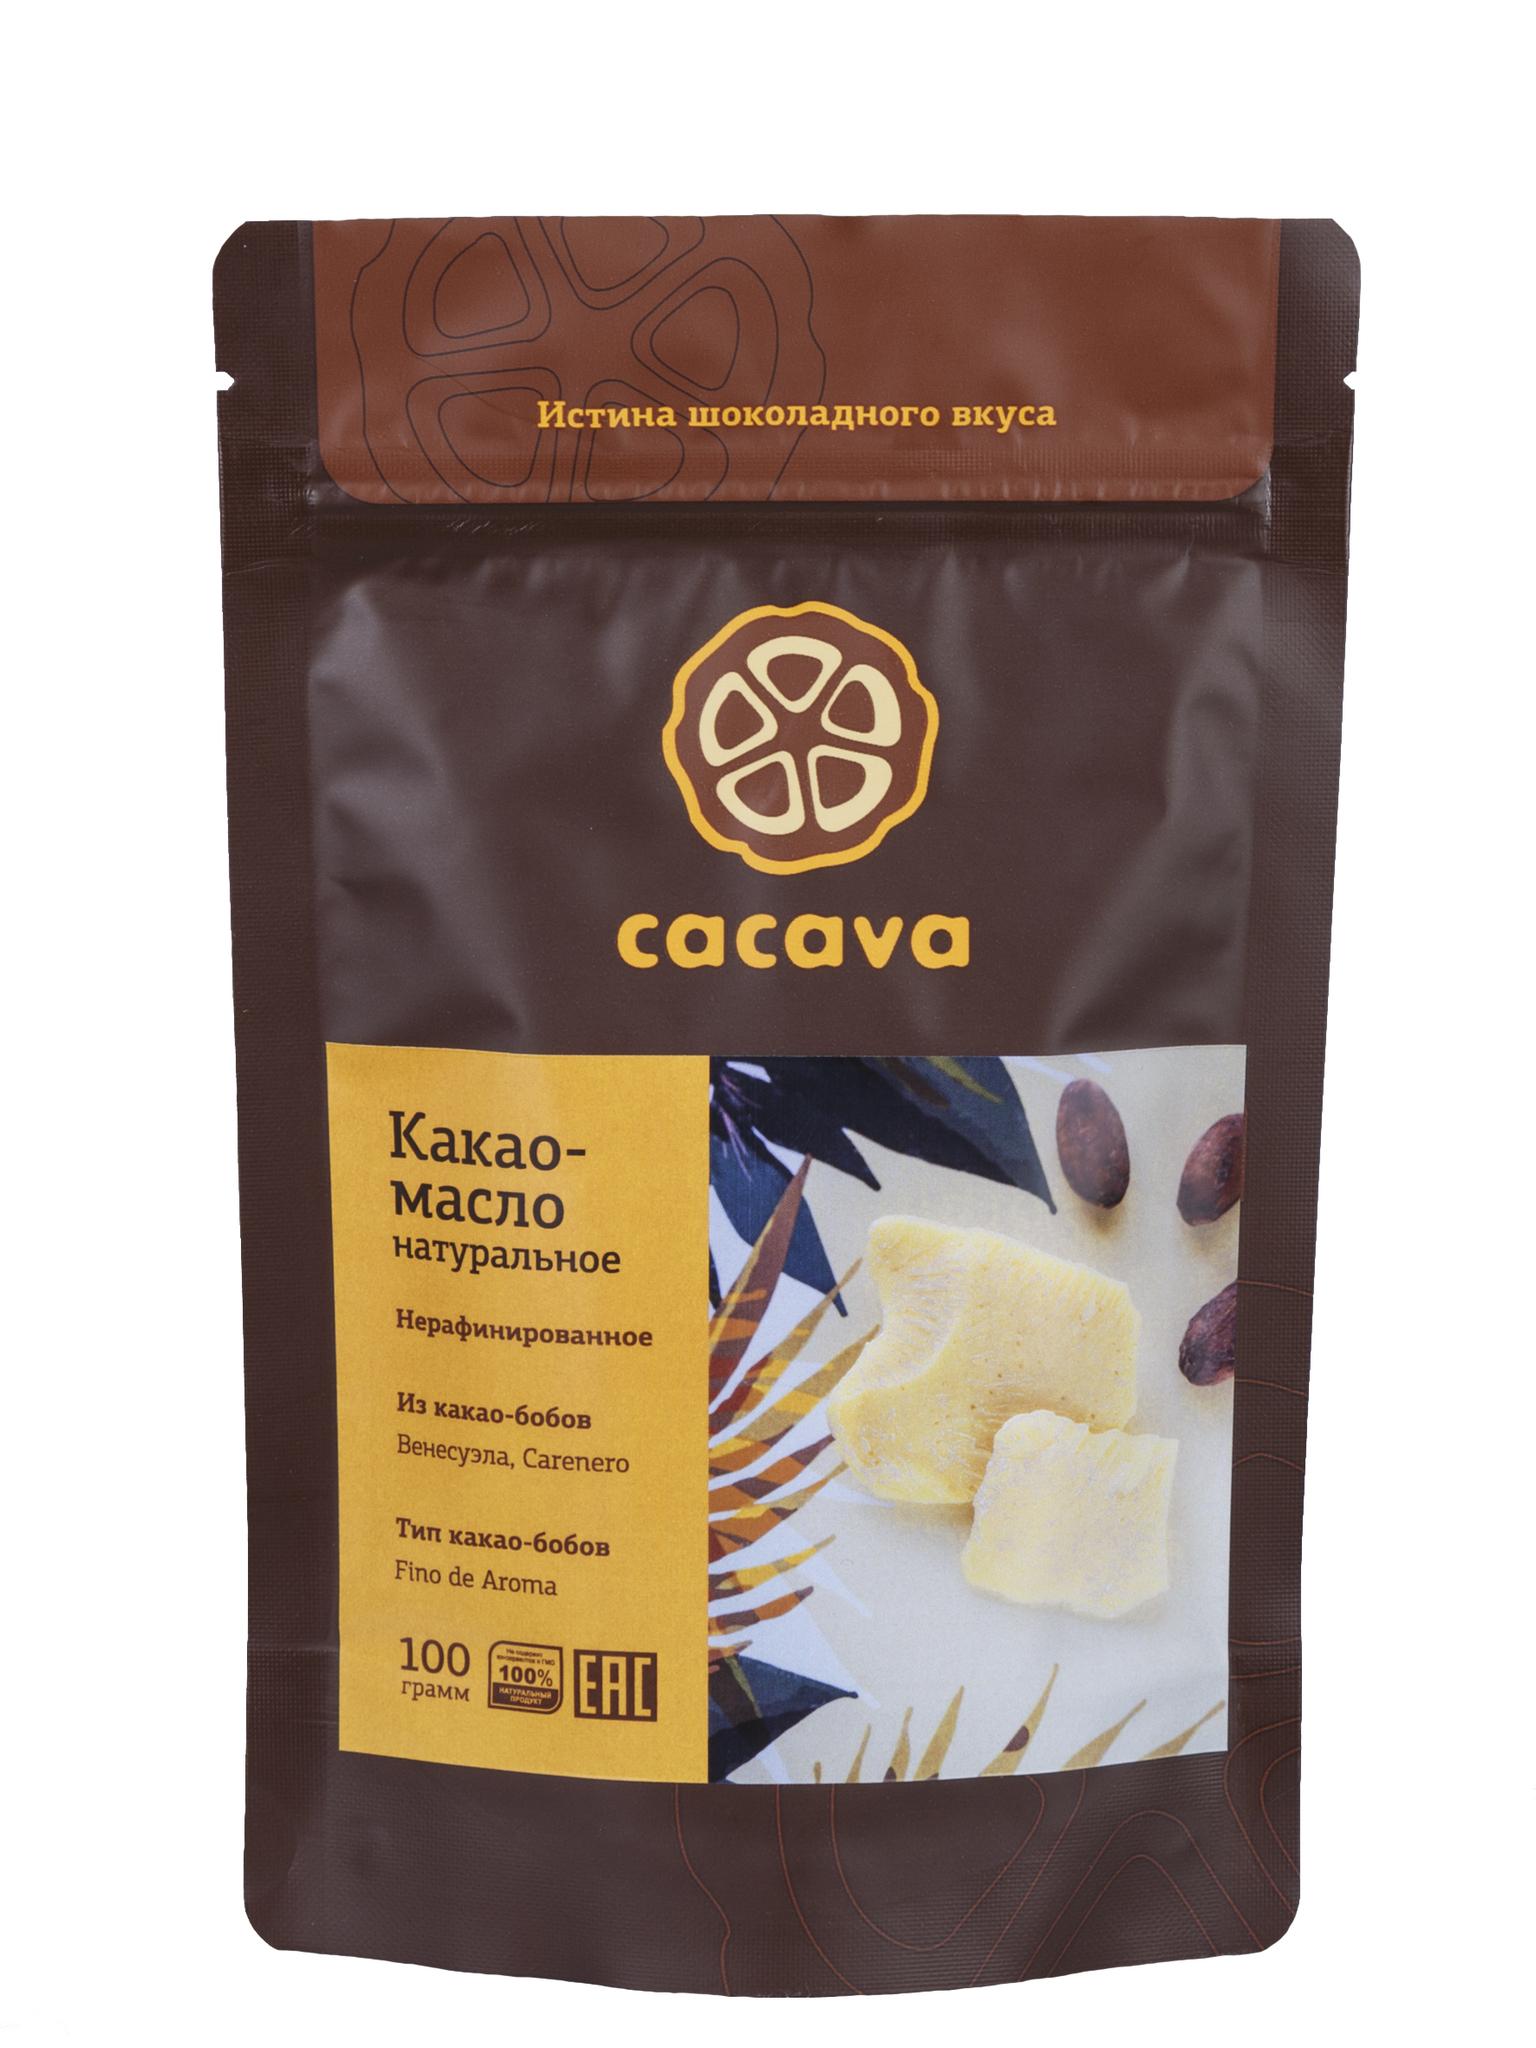 Какао-масло натуральное нерафинированное (Венесуэла), упаковка 100 грамм